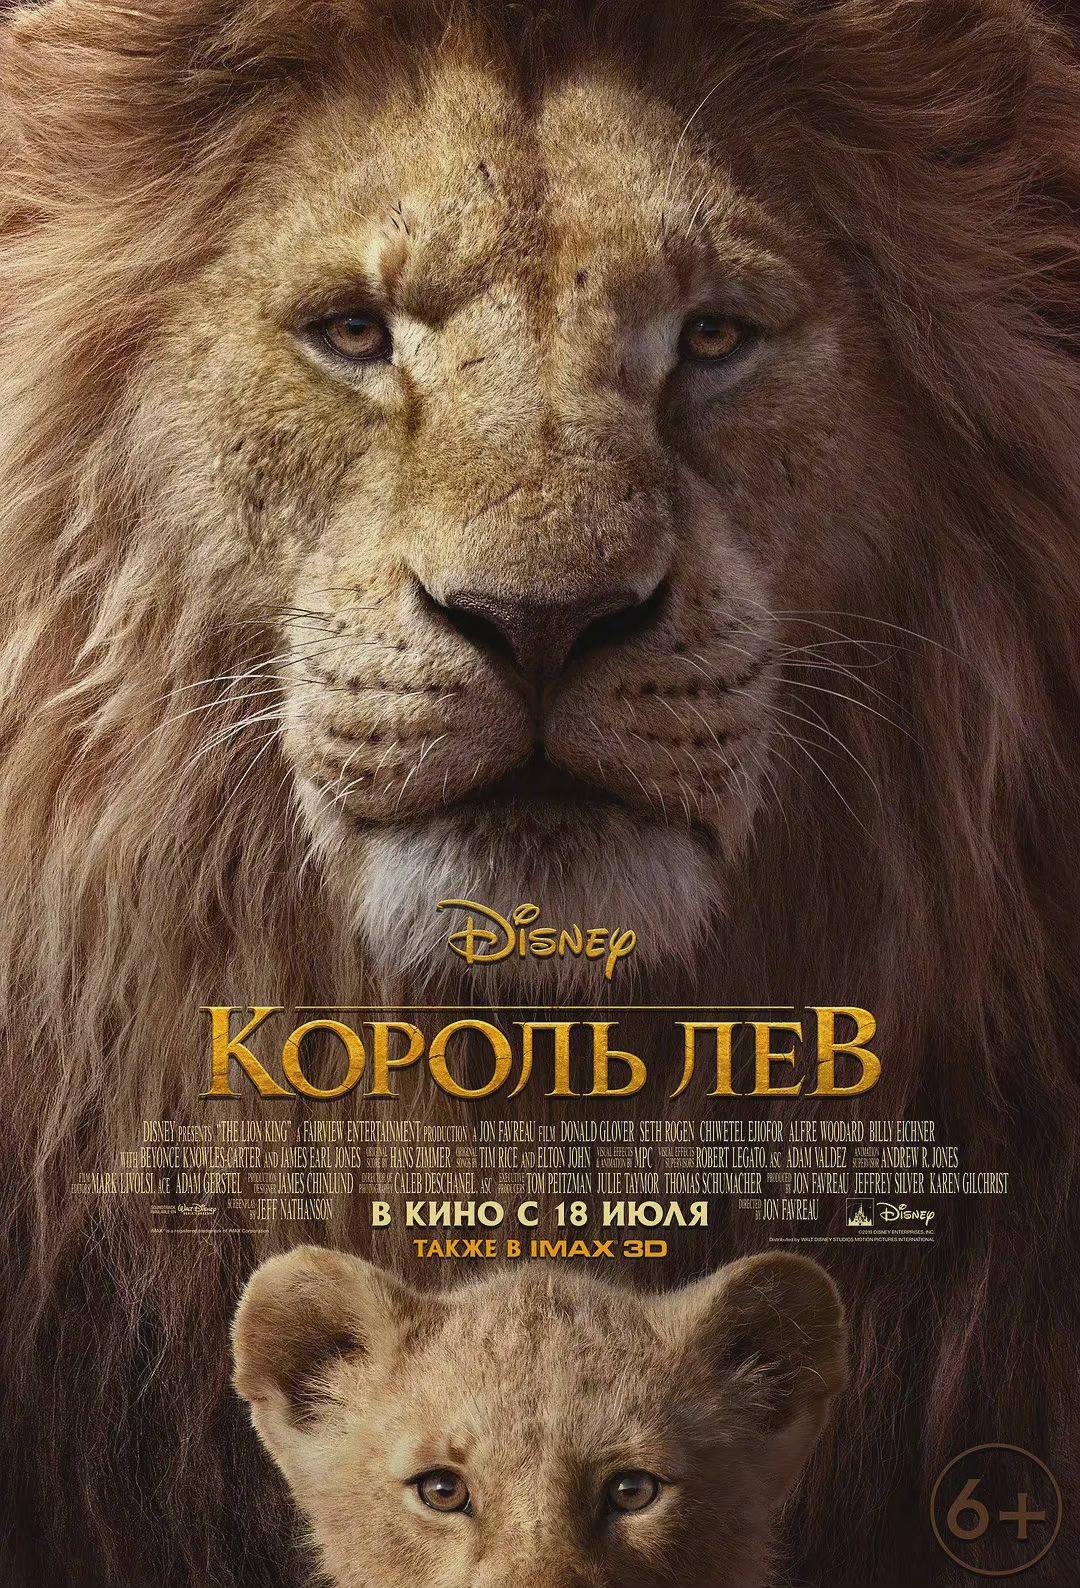 """迪士尼将推出2019年""""真狮版""""电影《狮子王》的续集 已宣布开拍"""